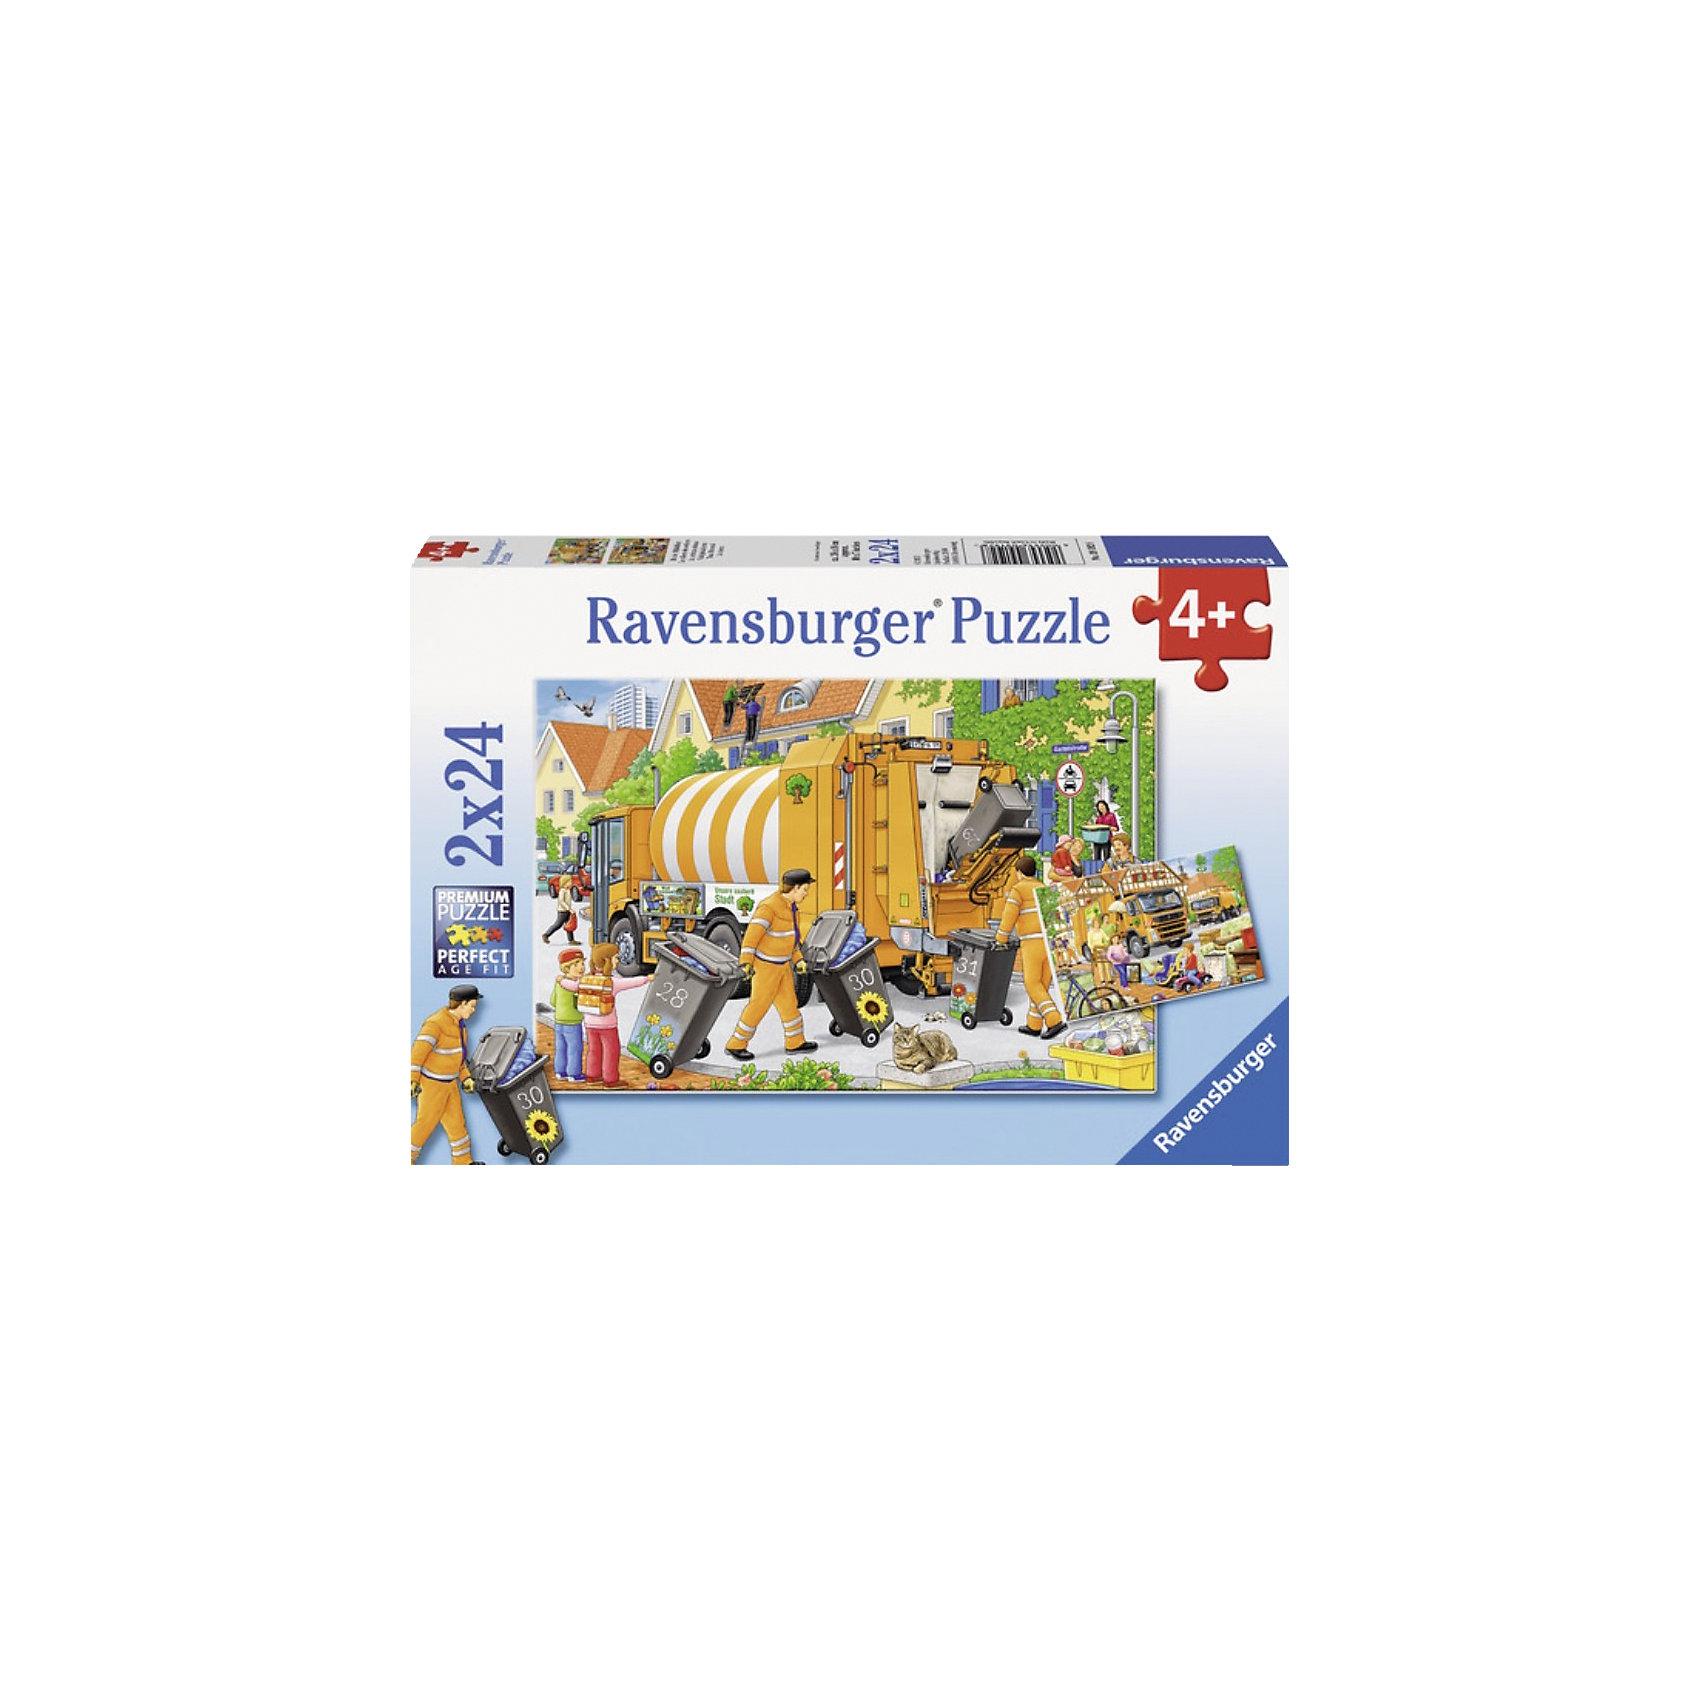 Пазл «Вывоз мусора», 2х24 деталей, RavensburgerПазлы для малышей<br>Пазл  для детей Вывоз мусора (в асортименте) состоит из 48 деталей, сделанных из экологического материала. Собрать пазл будет не только увлекательно, но и полезно для вашего ребёнка. Сборка картинки поспособствует развитию моторики рук, логического мышления, усидчивости и памяти. Ребёнок может собрать картинку самостоятельно, ведь все детали очень качественные и не будут расклеиваться при использовании. Так же на примере картинки вы сможете объяснить, объяснить как и куда вывозят мусор. Красочное изображение не потускнеют со временем и долго будут радовать вашего малыша. <br><br>В товар входит:<br>-48 деталей<br><br>Дополнительная информация:<br>-Размер картинки –18х26 см. <br>-Возраст: от 4 лет<br>-Для мальчиков и девочек<br>-Состав: картон, бумага<br>-Бренд: Ravensburger (Равенсбургер)<br>-Страна обладатель бренда: Германия<br><br>Ширина мм: 276<br>Глубина мм: 189<br>Высота мм: 39<br>Вес г: 279<br>Возраст от месяцев: 48<br>Возраст до месяцев: 72<br>Пол: Мужской<br>Возраст: Детский<br>Количество деталей: 24<br>SKU: 3284568